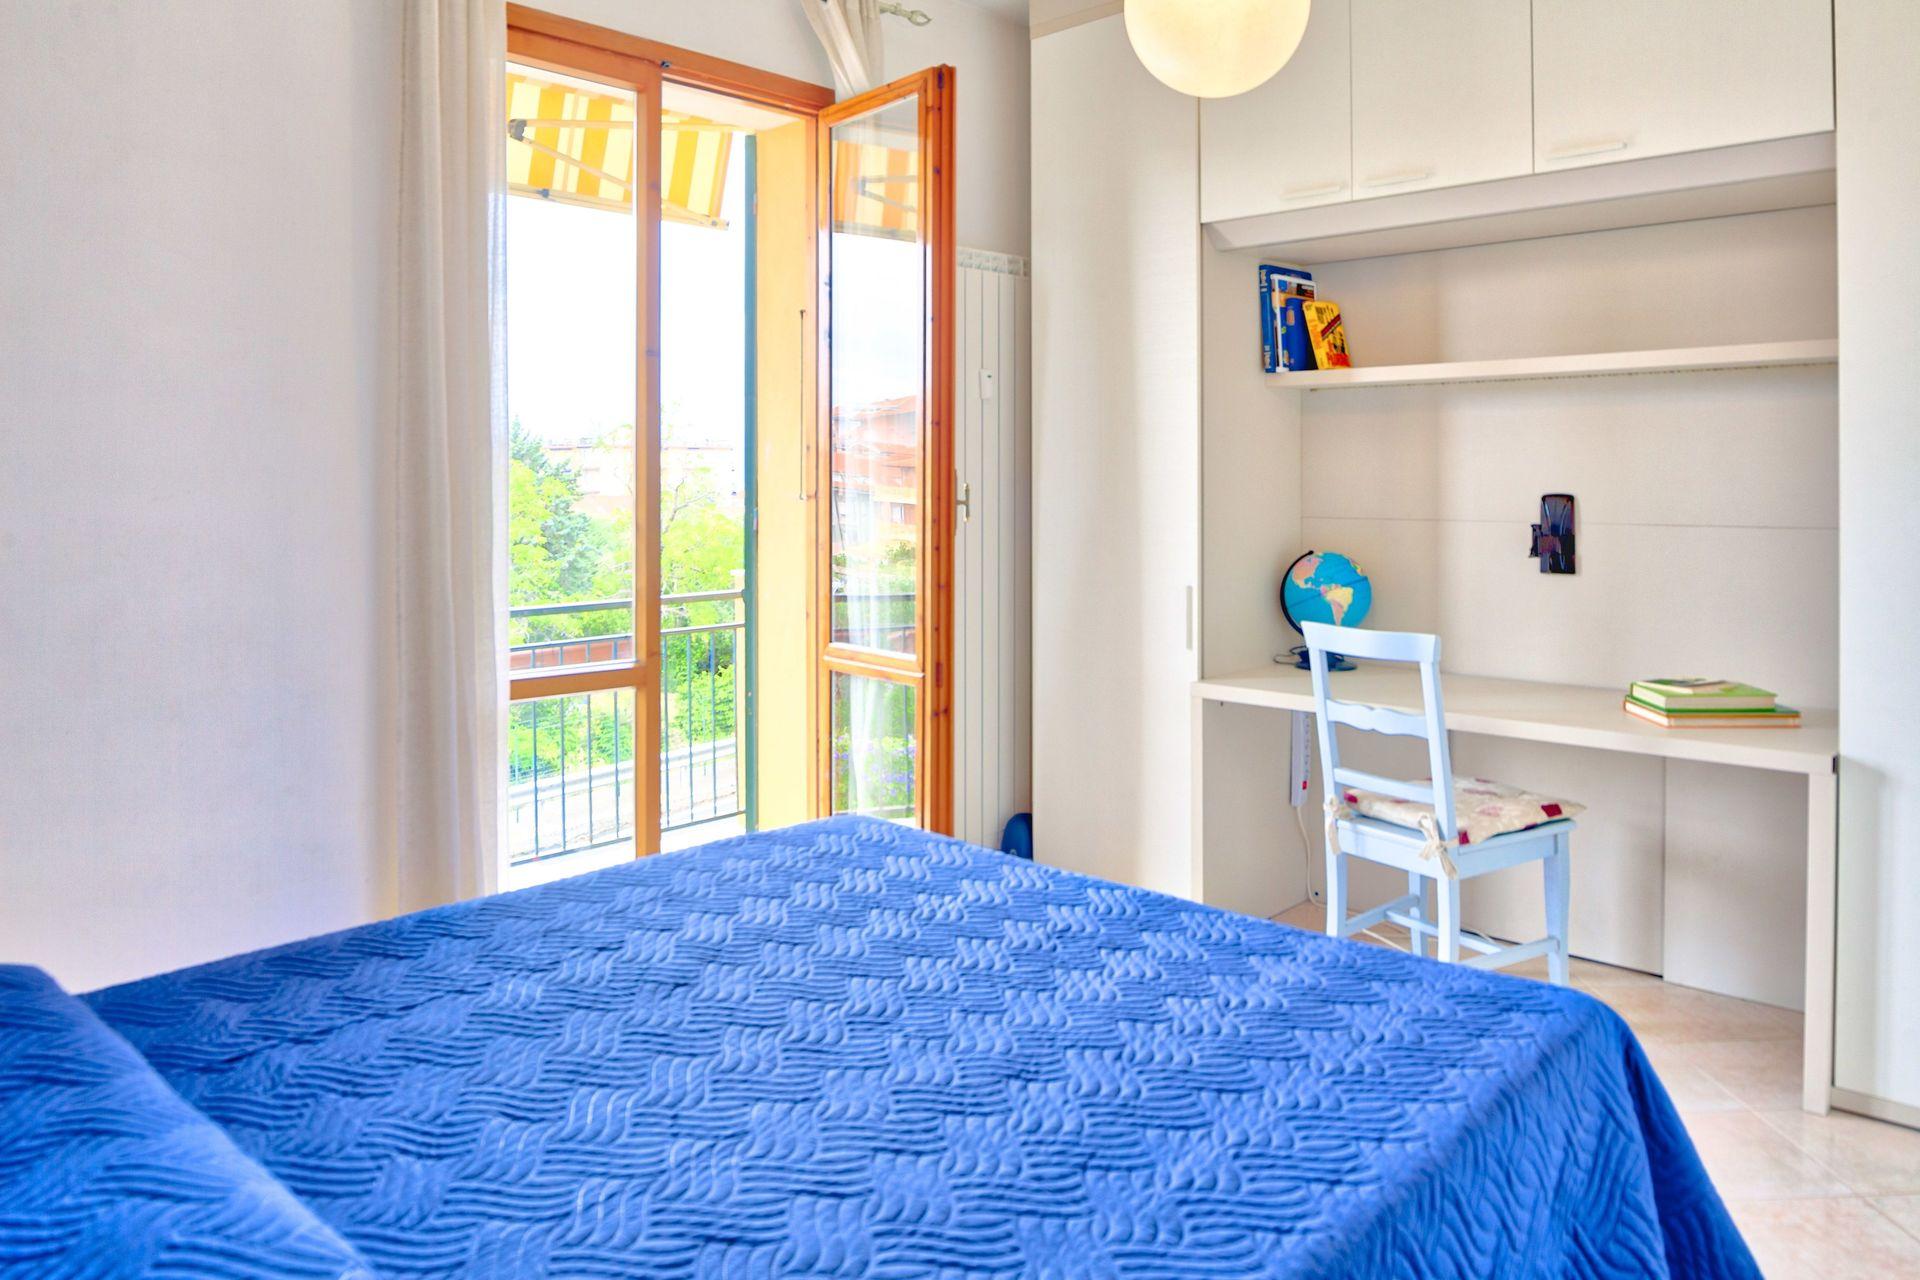 Casa Irma - San Bartolomeo Al Mare - Casa vacanze con 4 ...